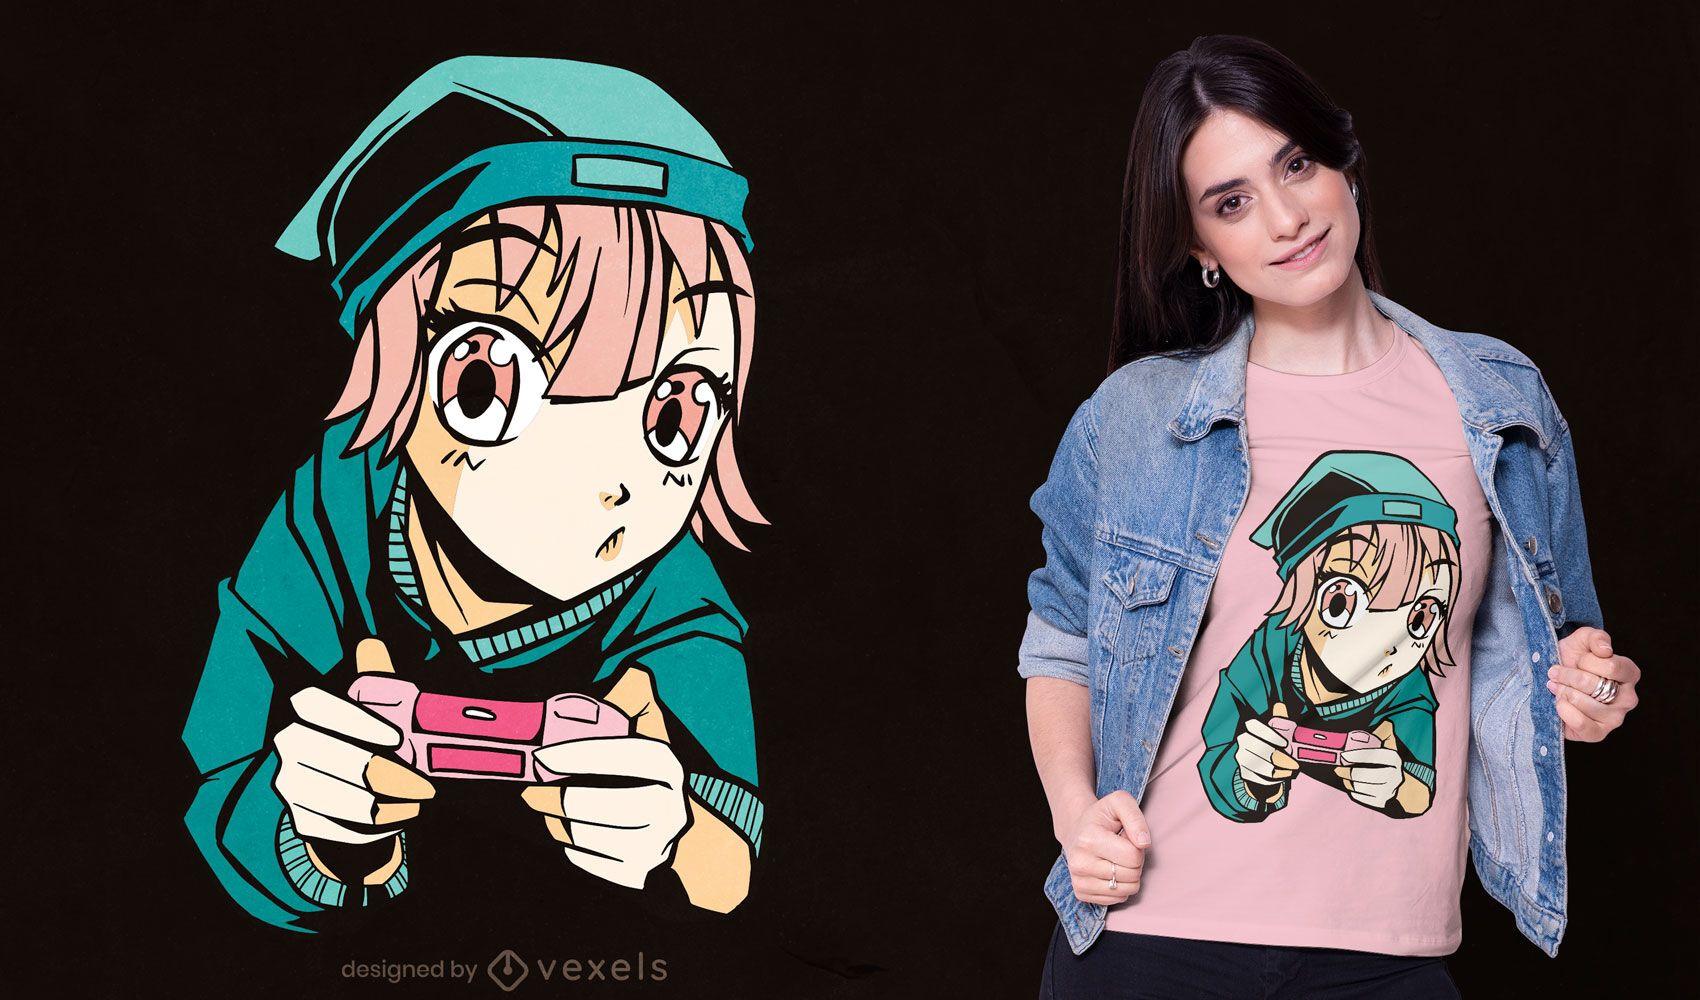 Anime gamer girl joystick t-shirt design